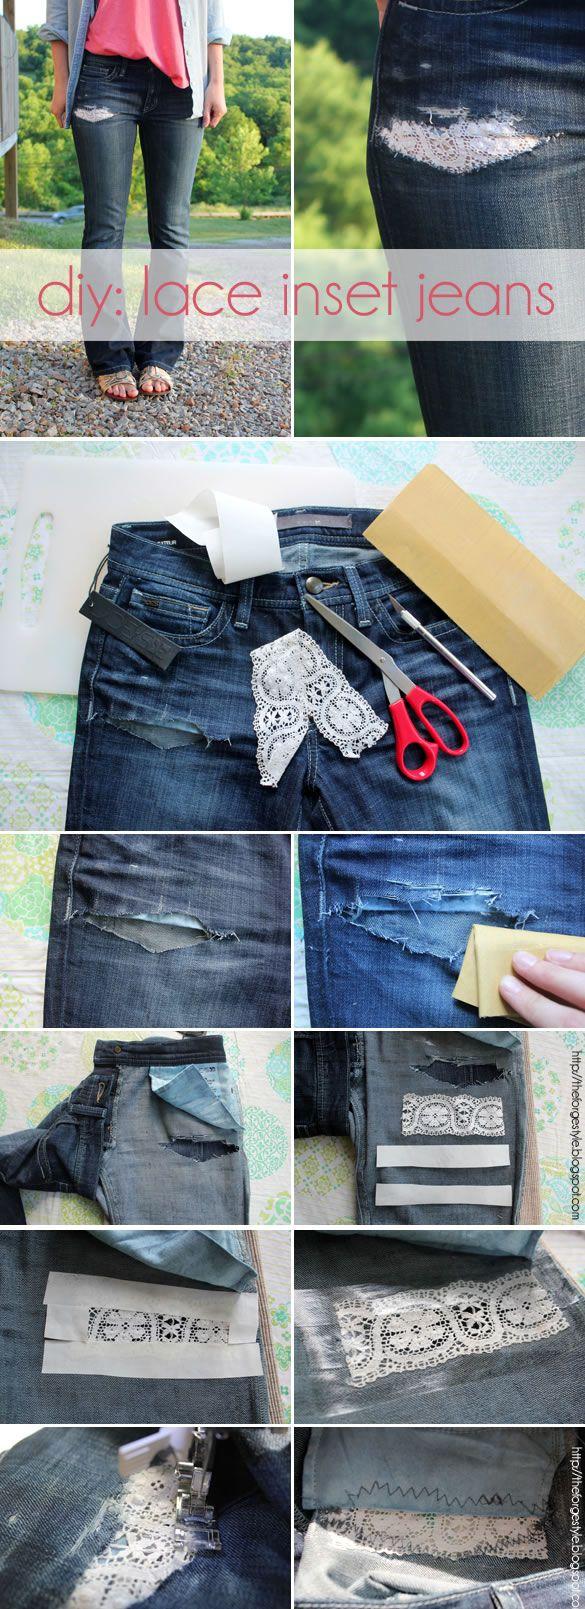 DIY: Lace inset jeans